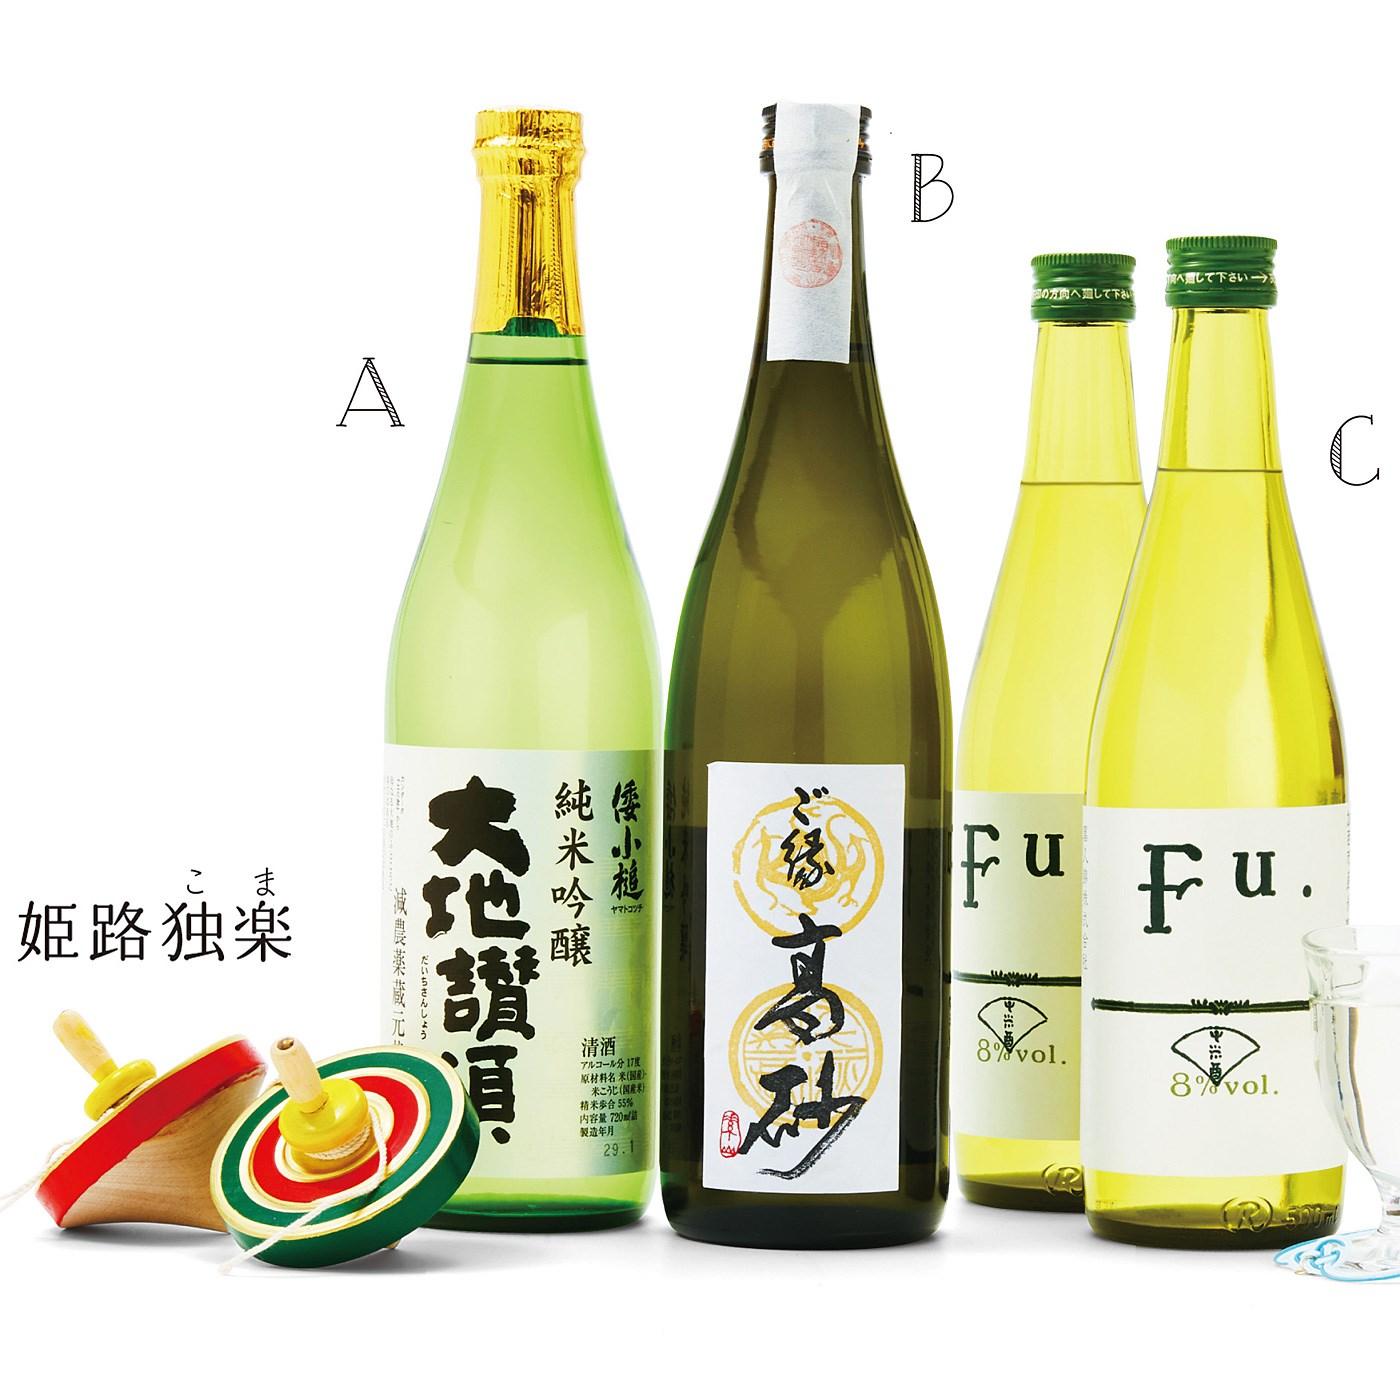 A. 純米吟醸 大地讃頌 B. 龍力 特別純米・ご縁高砂 C. 純米酒 Fu.